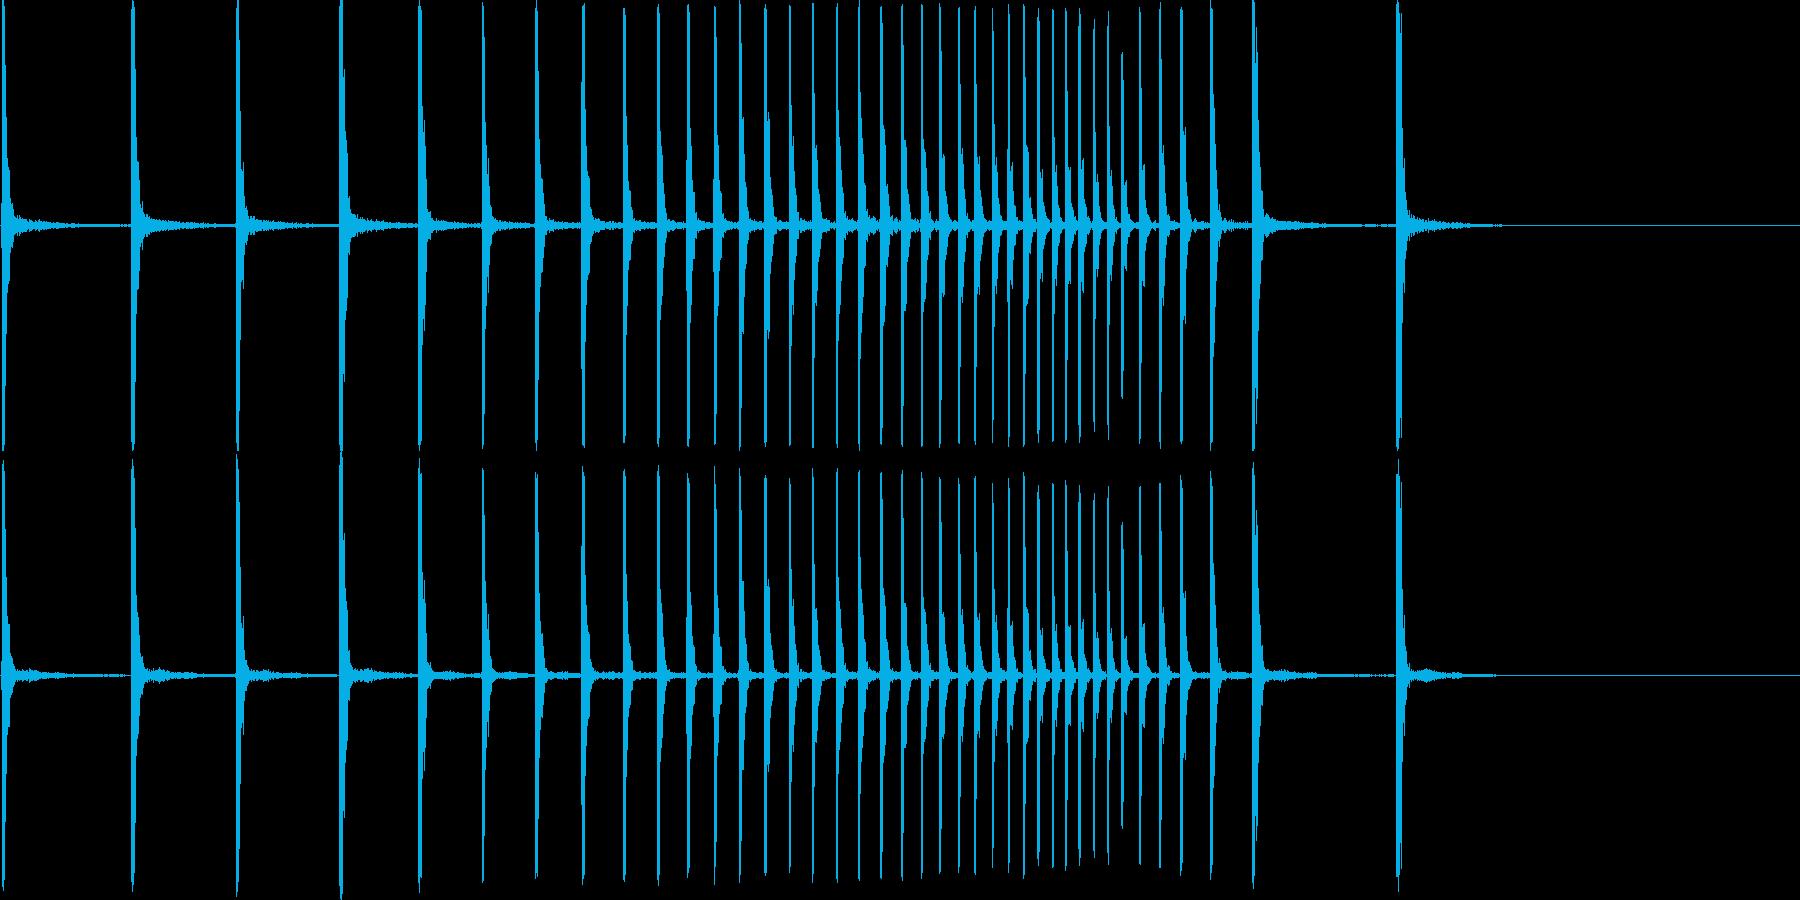 拍子木 かんかん~の再生済みの波形